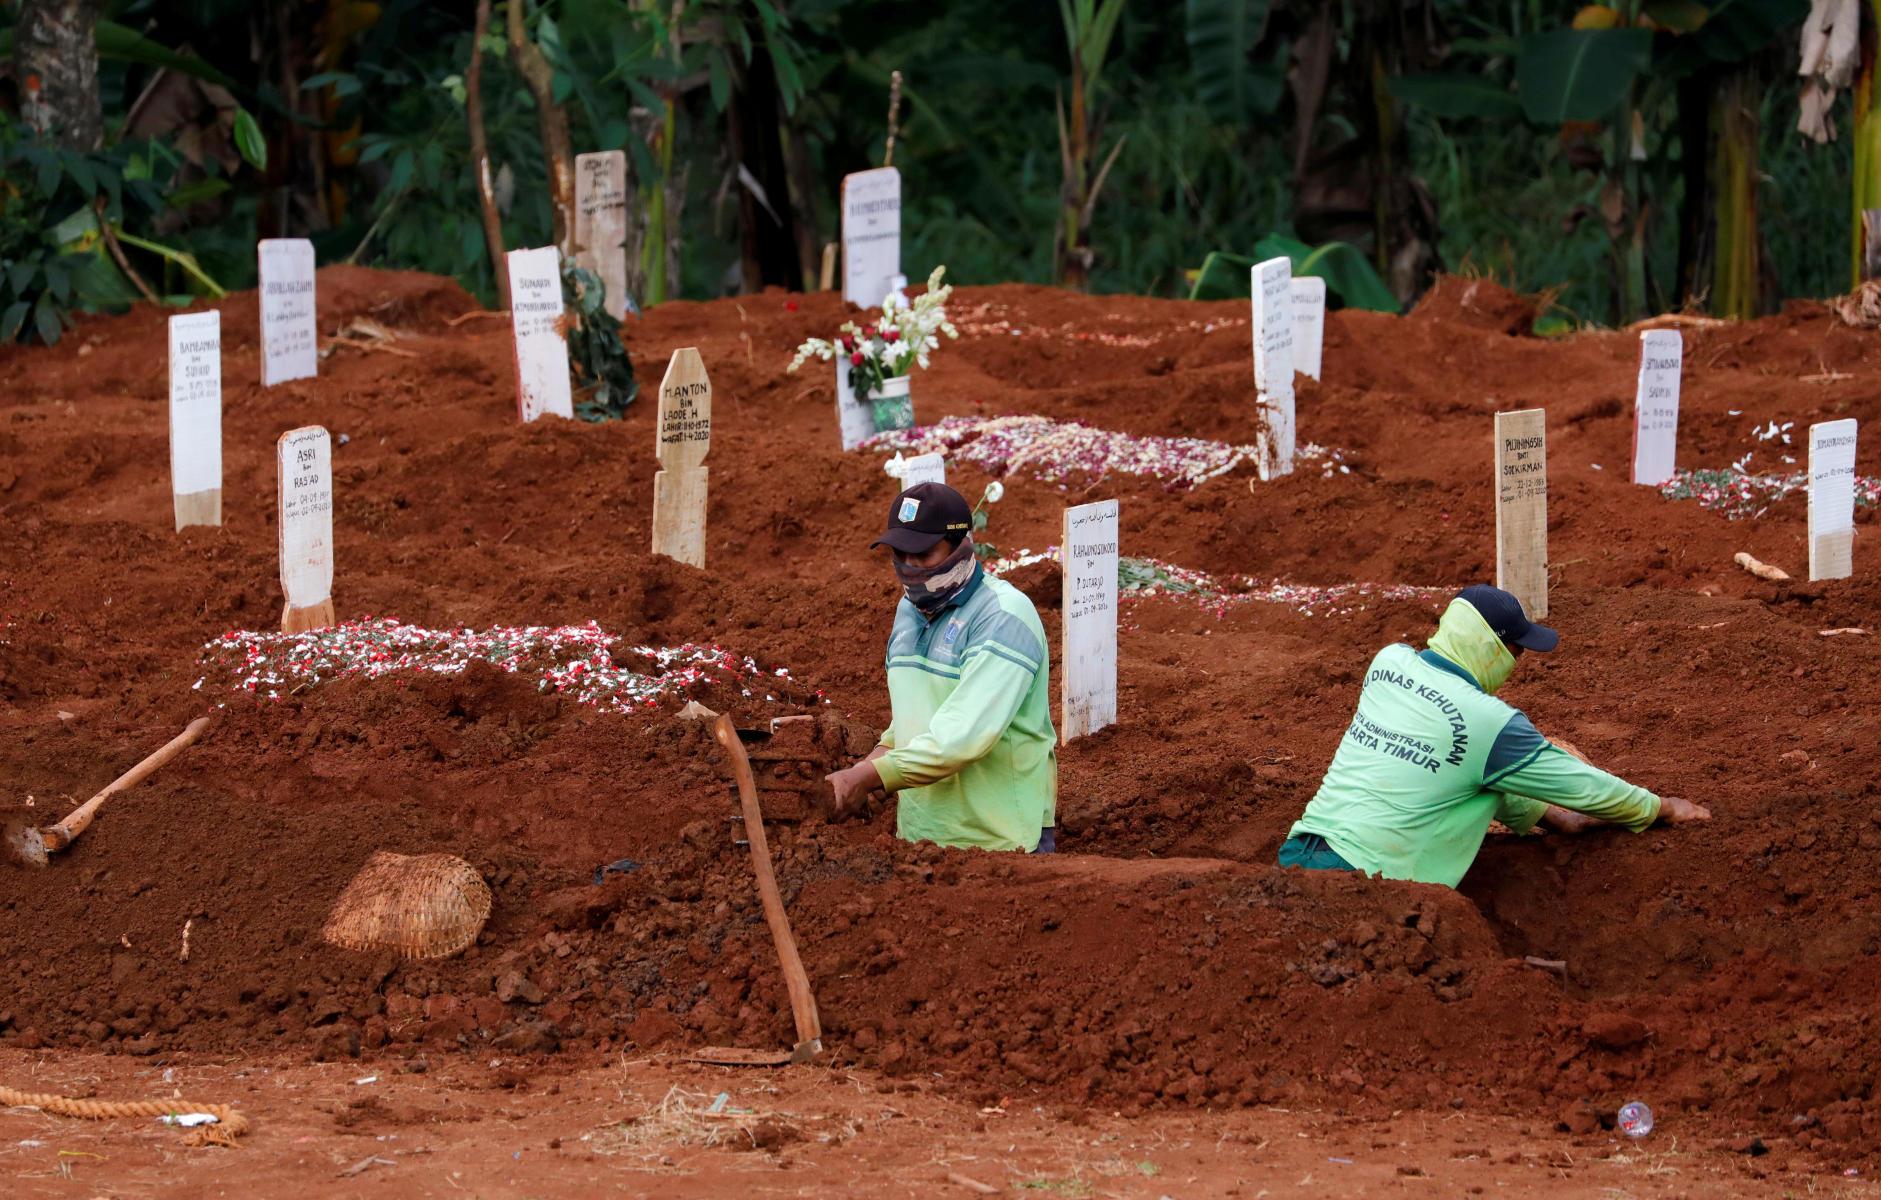 Κορονοϊός: Δήμαρχος ανοίγει τάφους για να πείσει τους πολίτες να τηρήσουν τα μέτρα